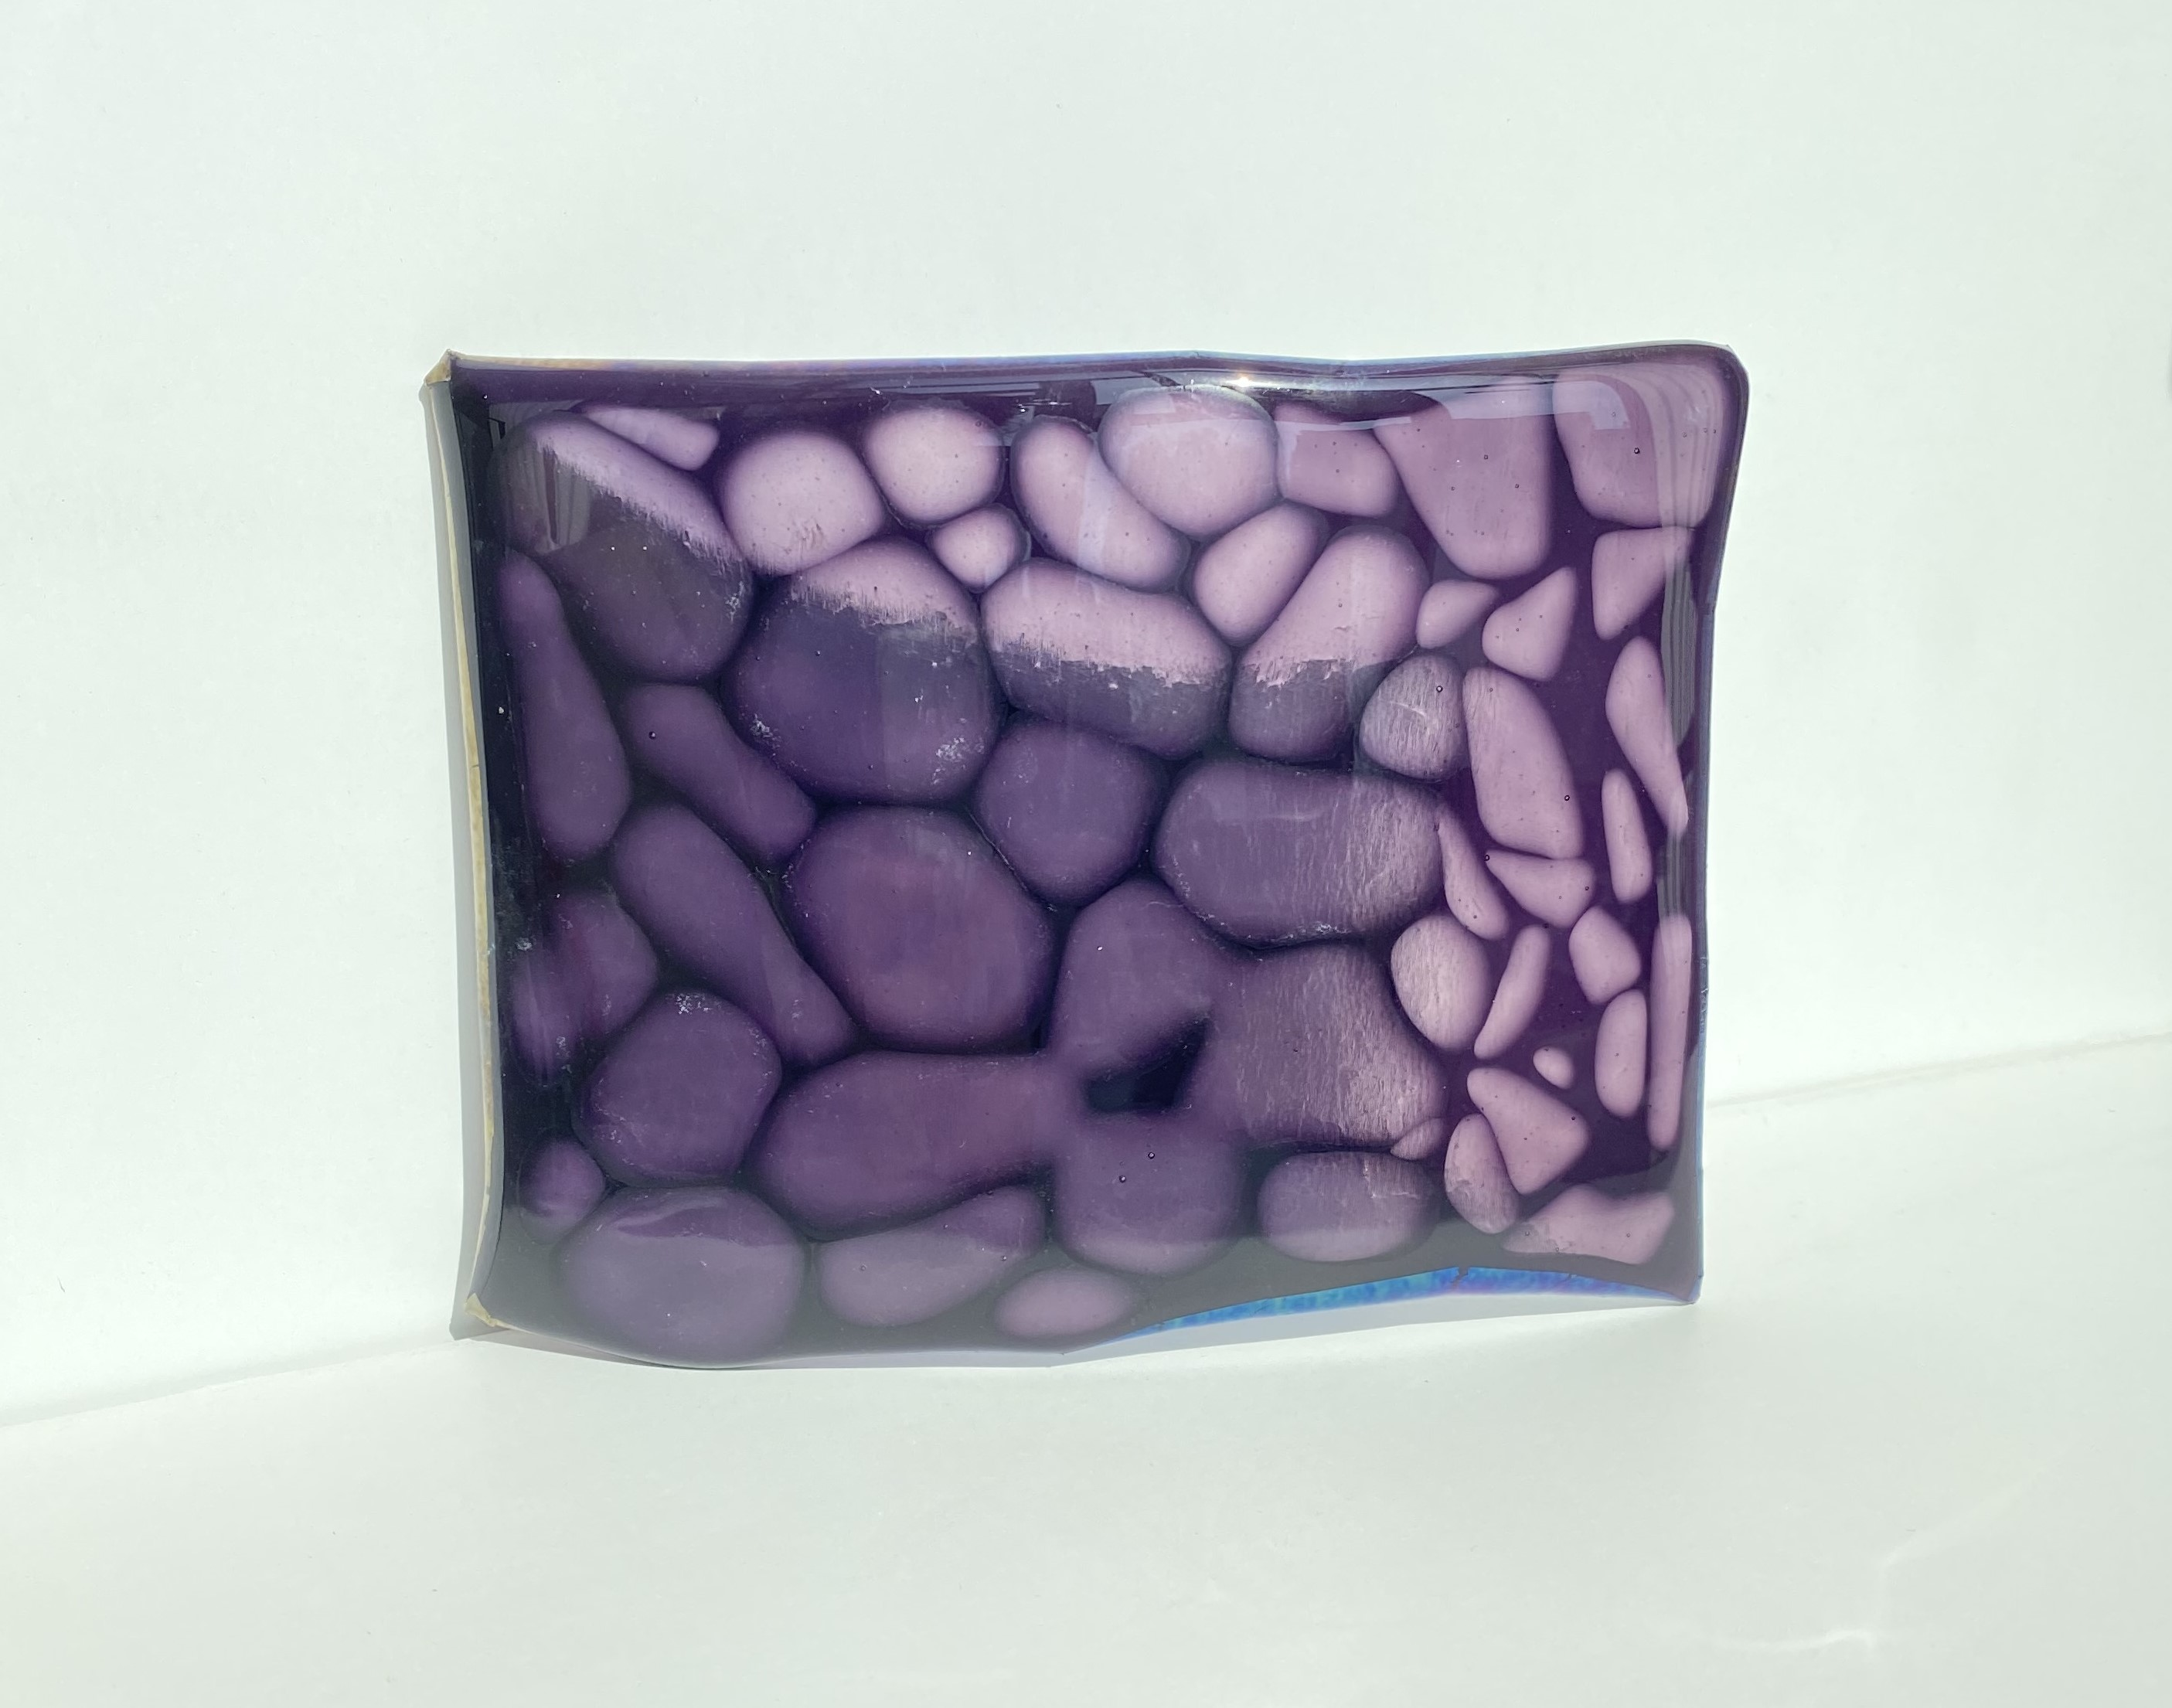 Work by Michelle Bayat - Purple